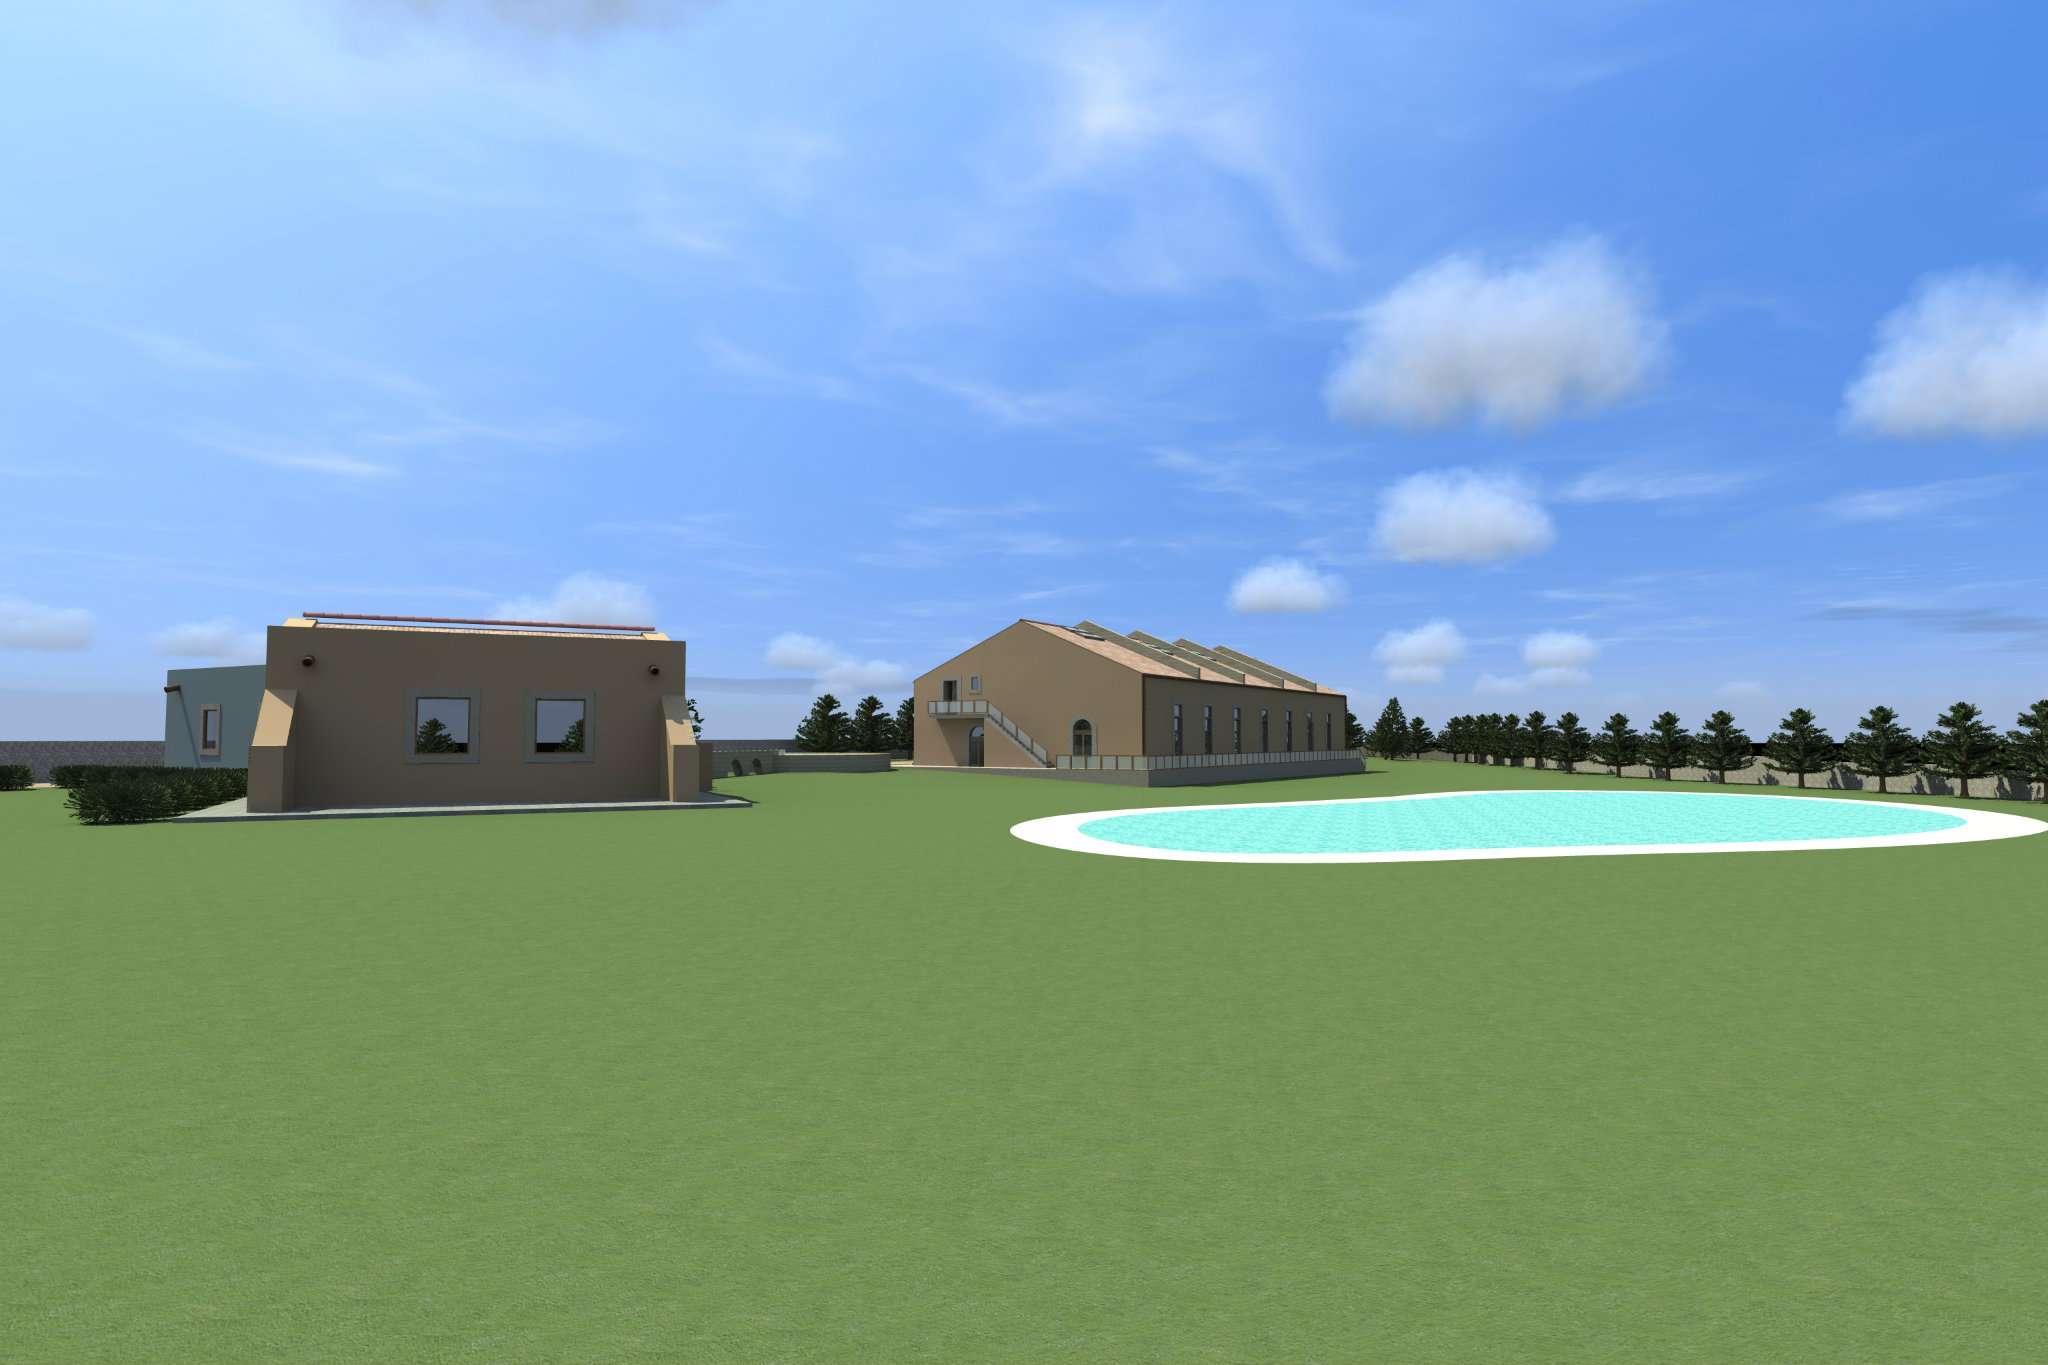 Terreno Agricolo in vendita a Siracusa, 9999 locali, prezzo € 190.000 | PortaleAgenzieImmobiliari.it